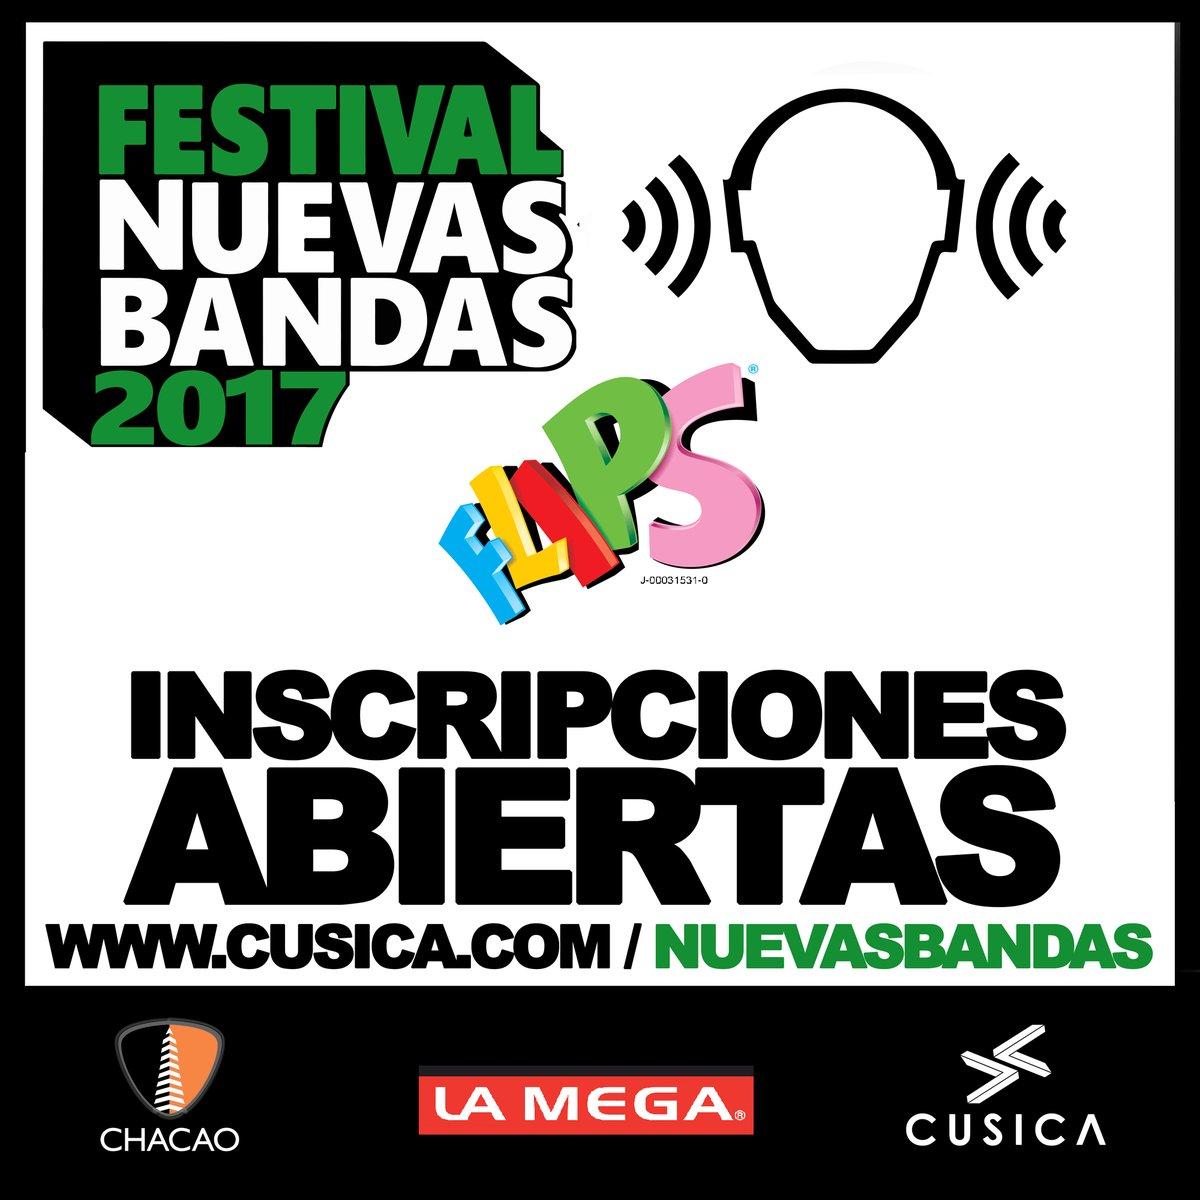 Inscripciones Abiertas para el Festival Nuevas Bandas Venezuela